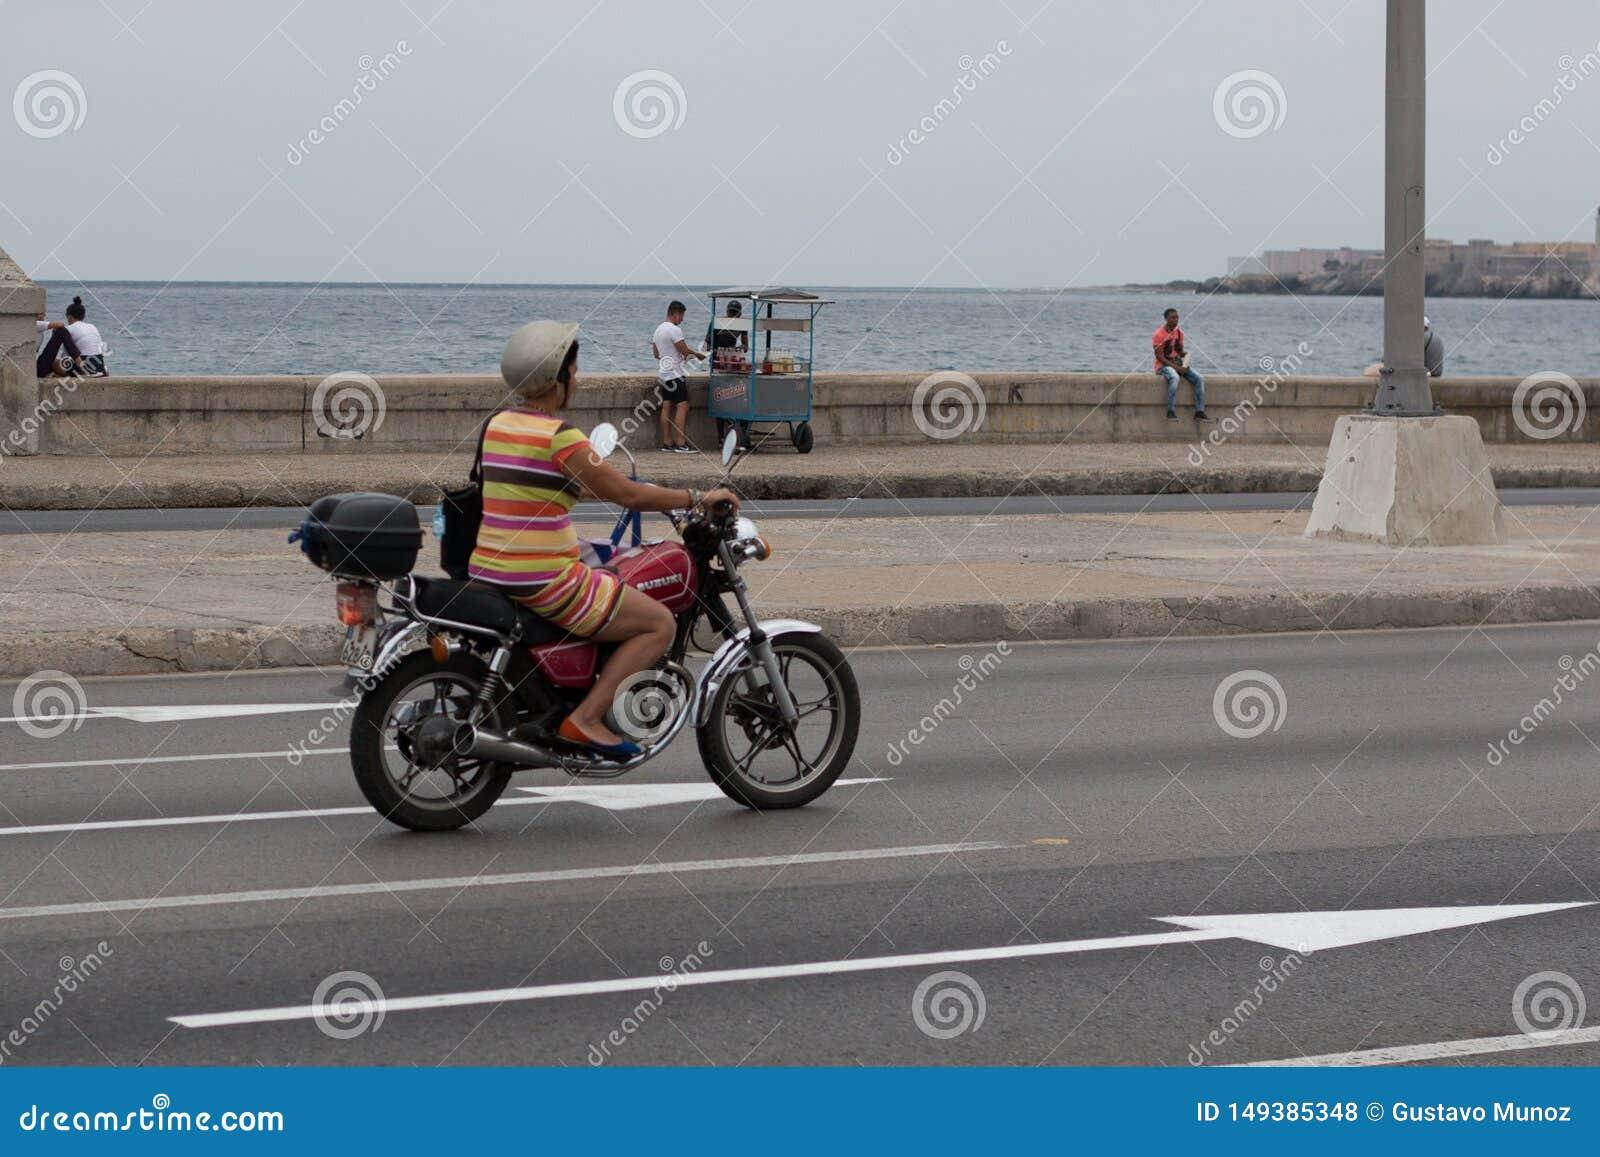 Havana, Kuba - 13. April 2017: Eine Frau f?hrt ein Motorrad entlang dem Malecon in Havana